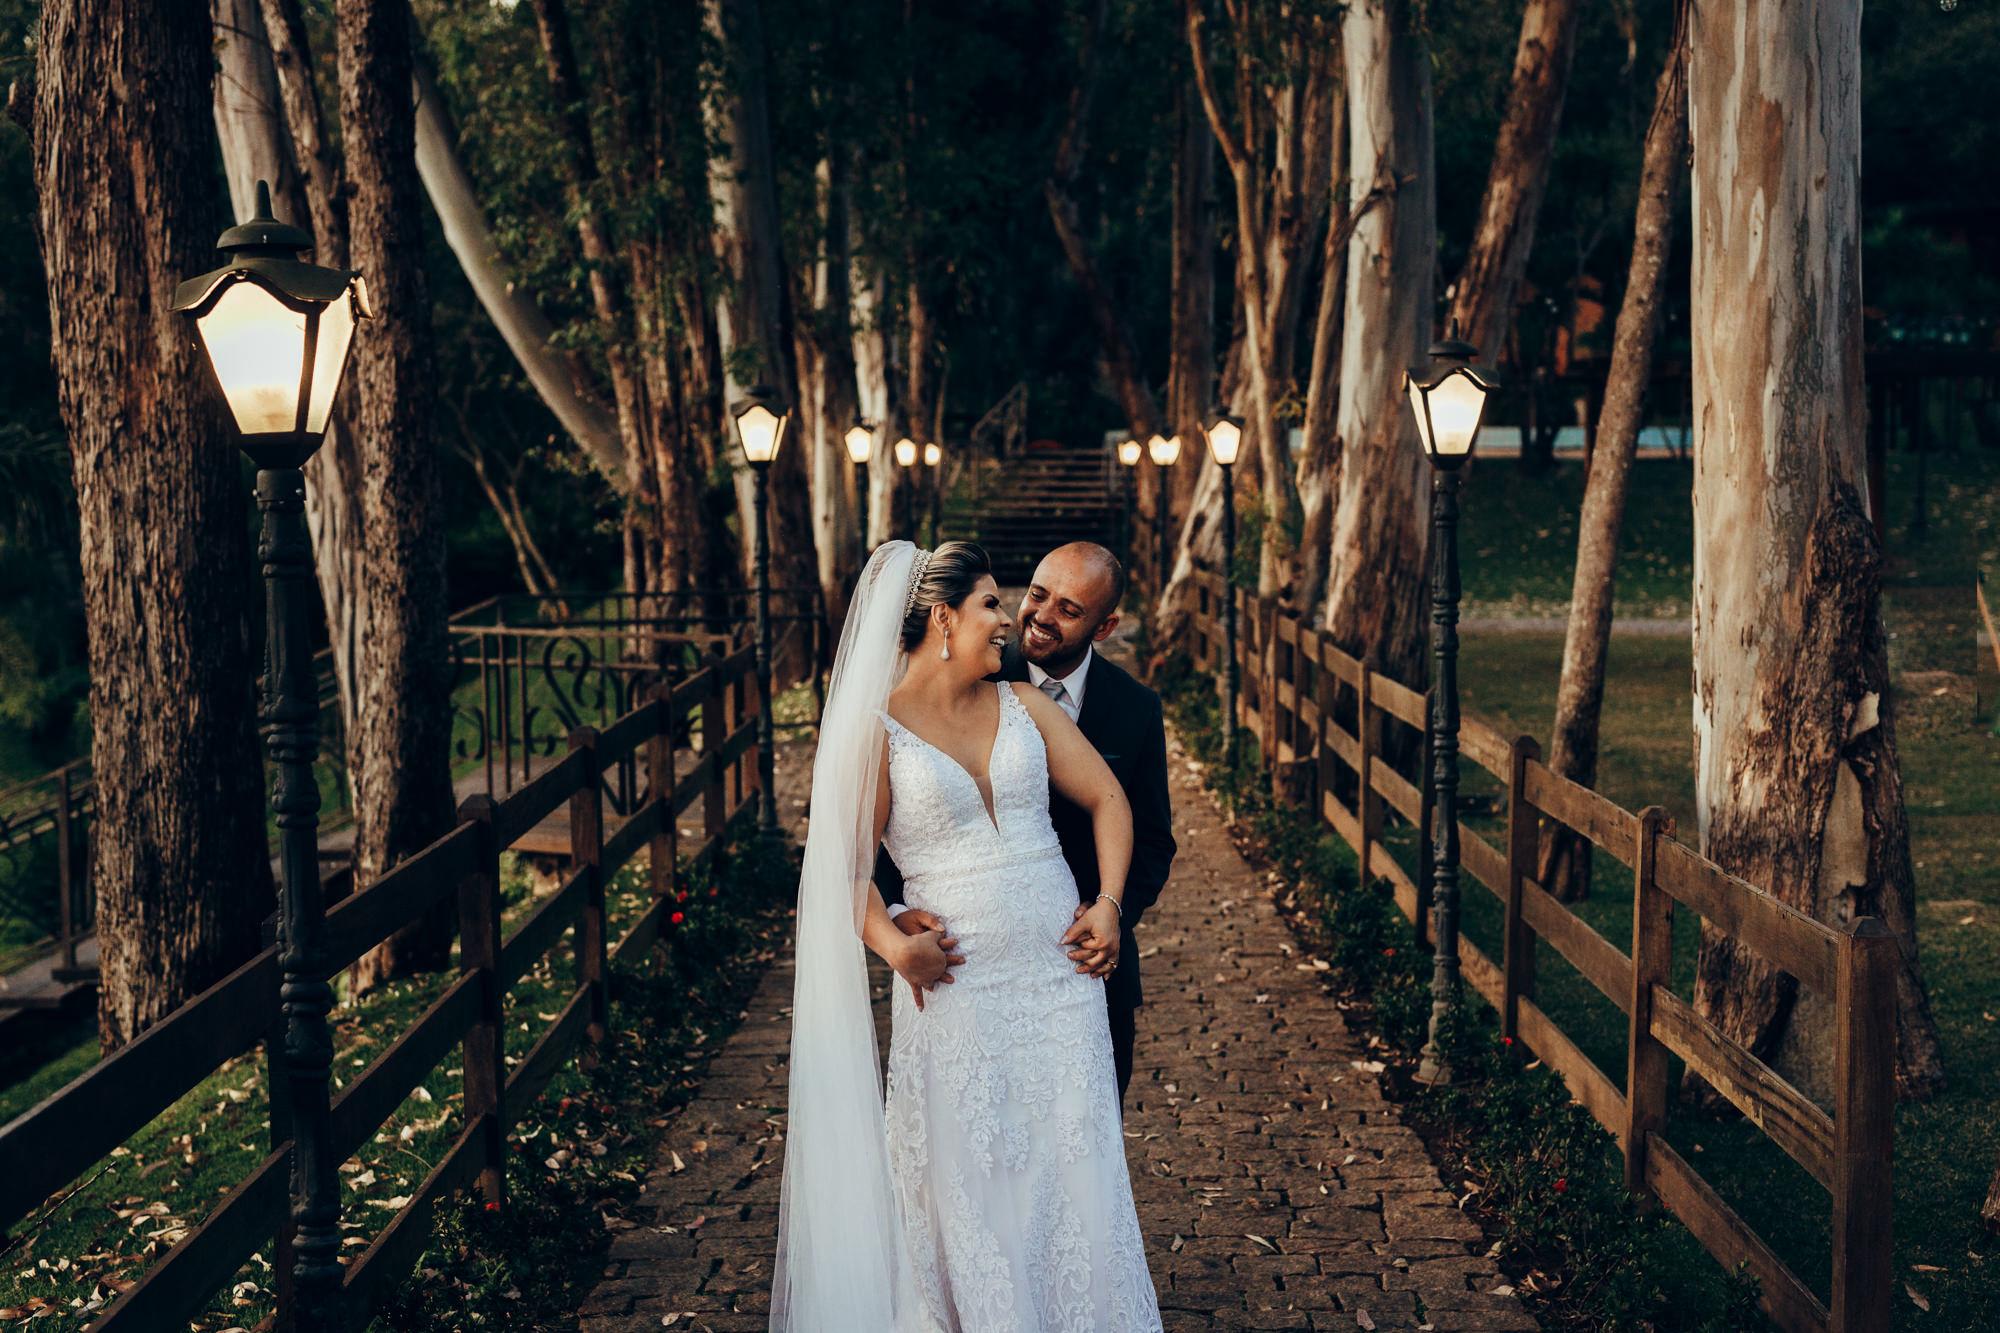 Contate Hugo Lázaro fotografo de casamento em Belo Horizonte